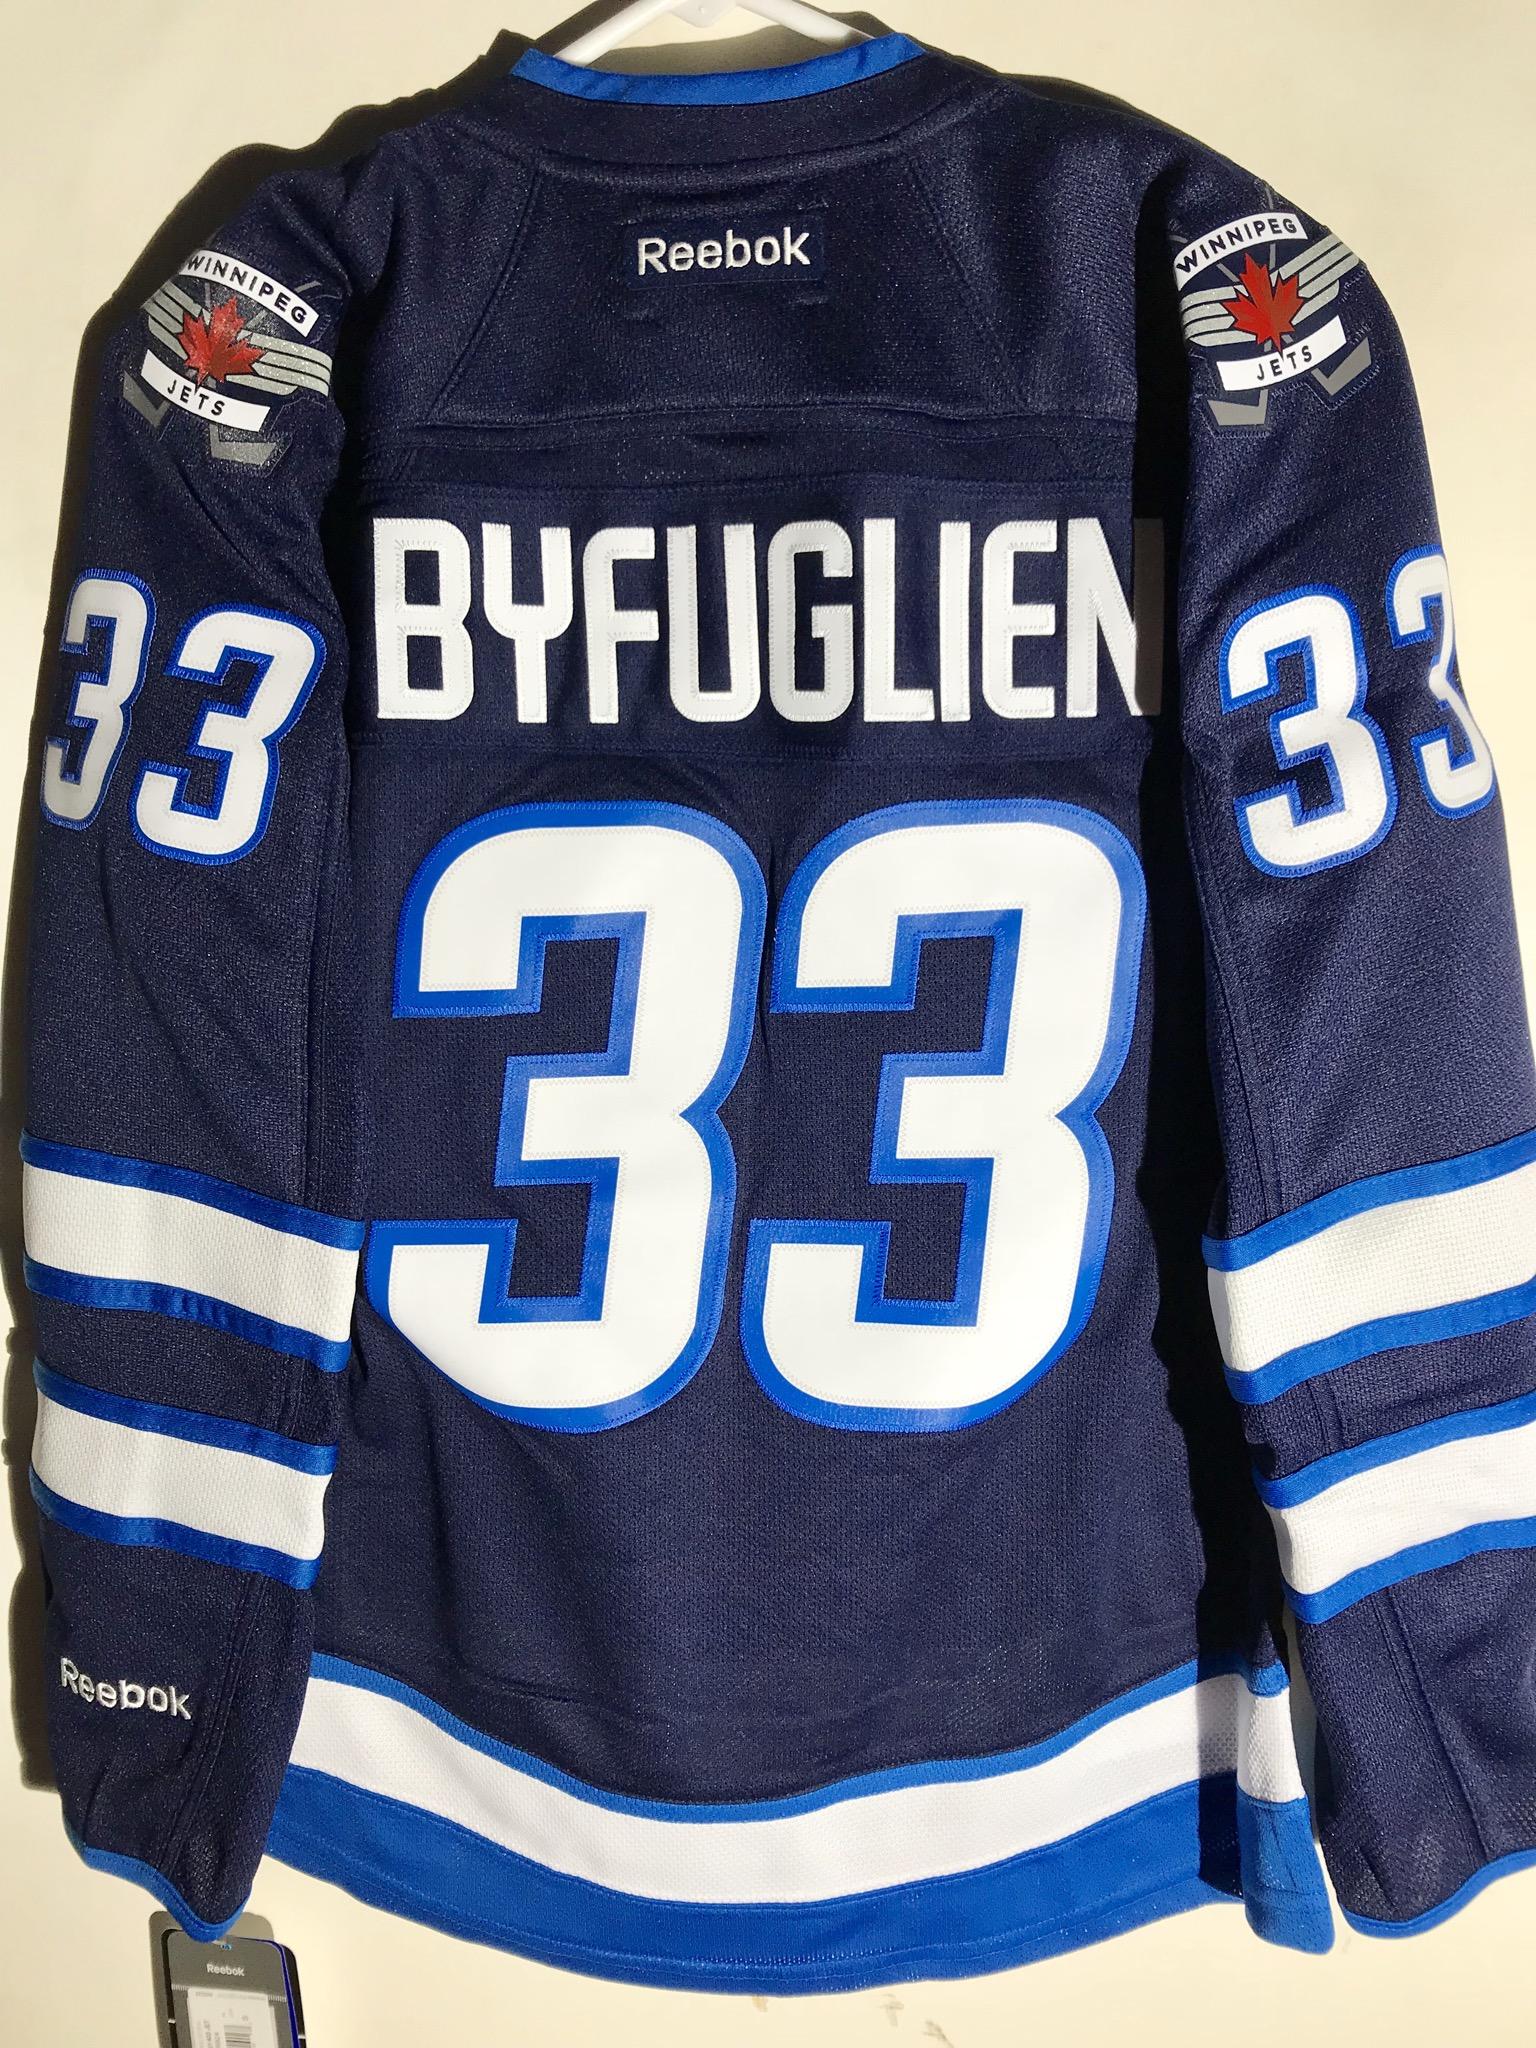 637022fbf57 Details about Reebok Women s Premier NHL Jersey Winnipeg Jets Dustin  Byfuglien Navy sz S